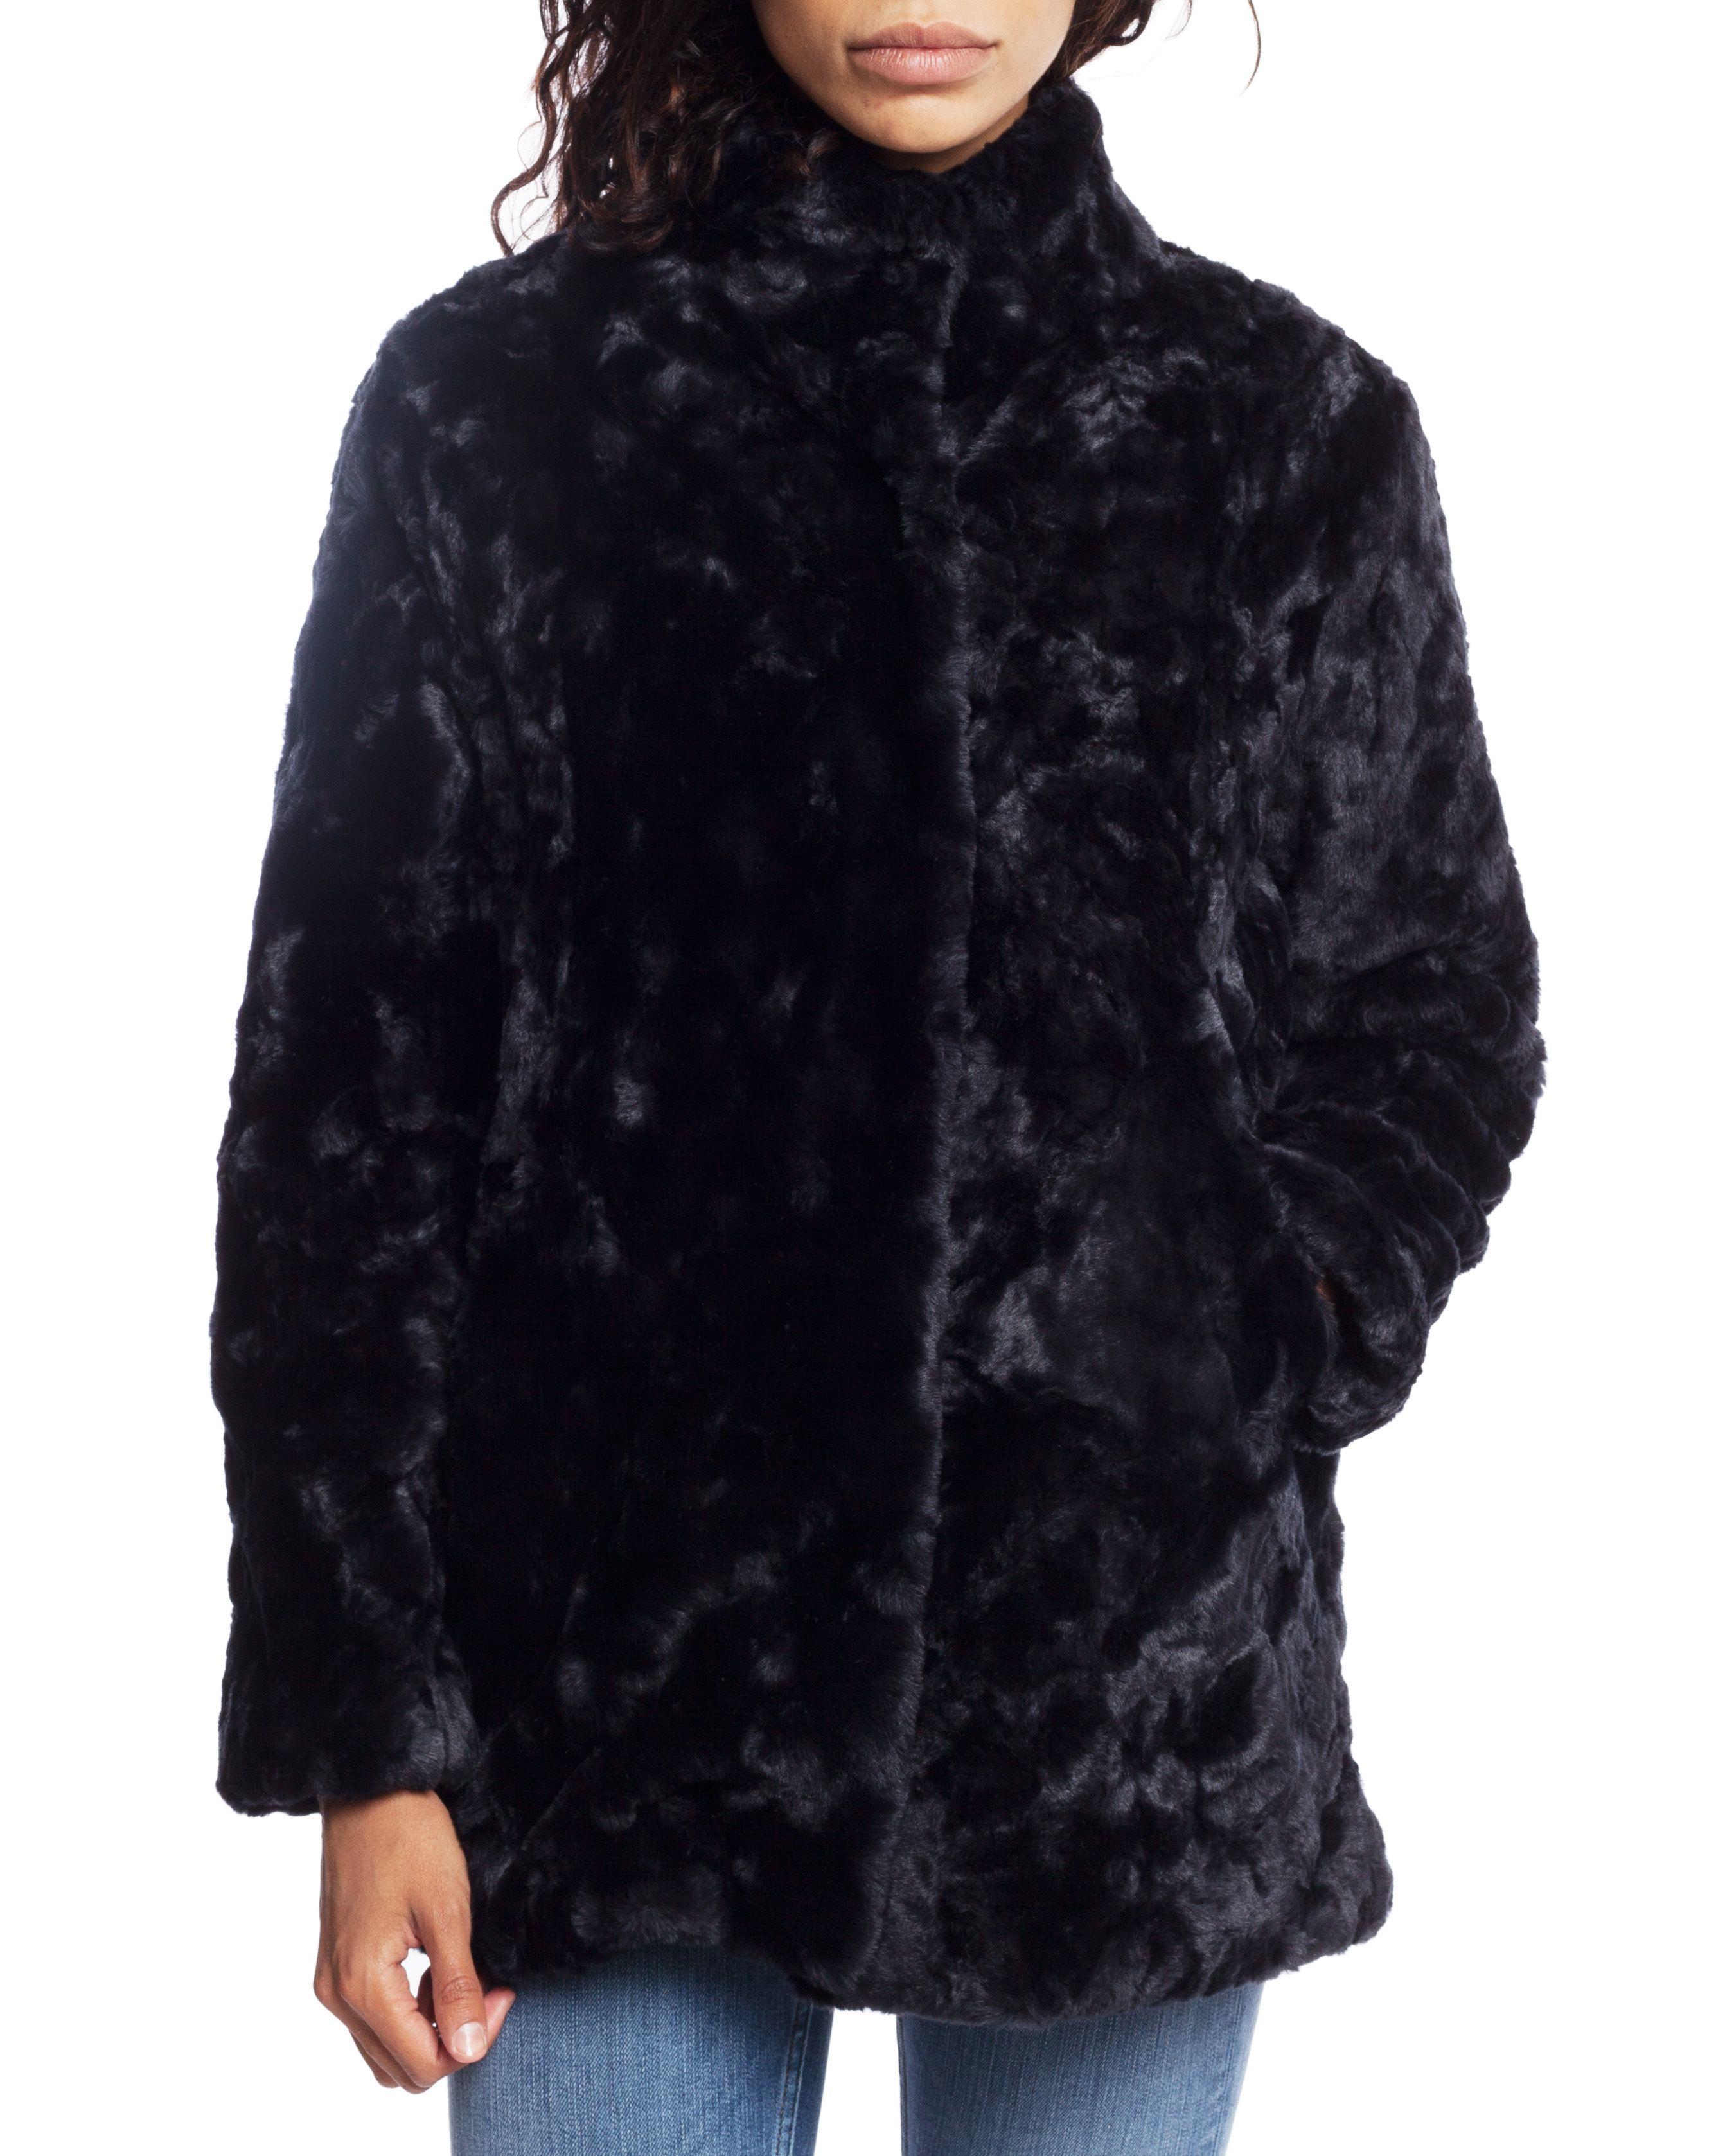 Till dam från Tiger of Sweden Jeans, en svart pälsjacka.